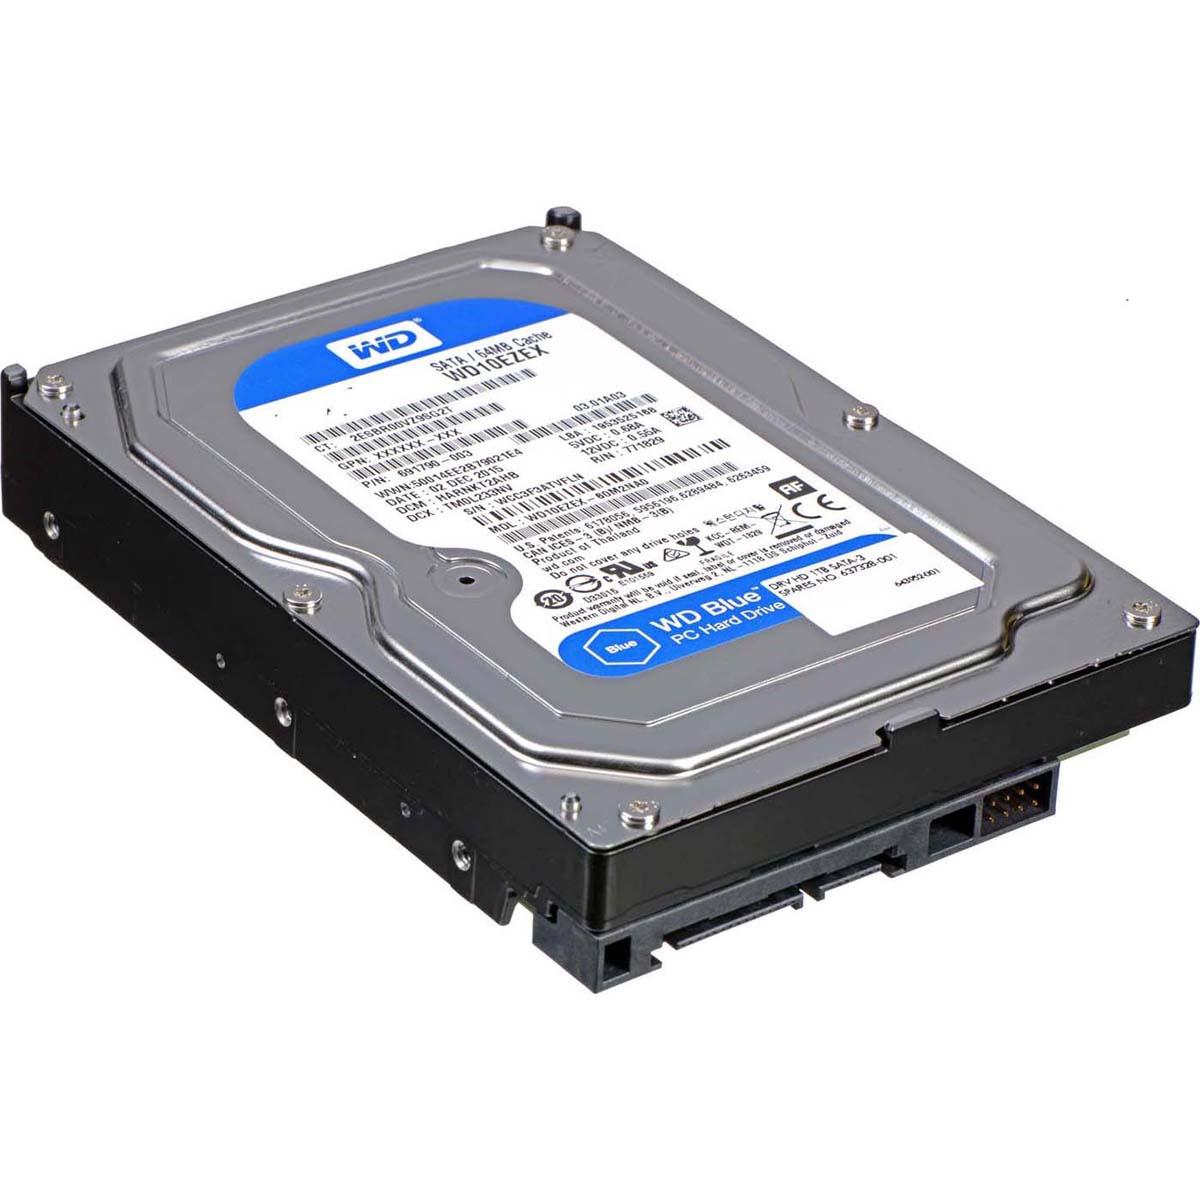 中古HDD 3.5インチ SATA 内蔵ハードディスク 250GB  【ネコポス発送】【中古】